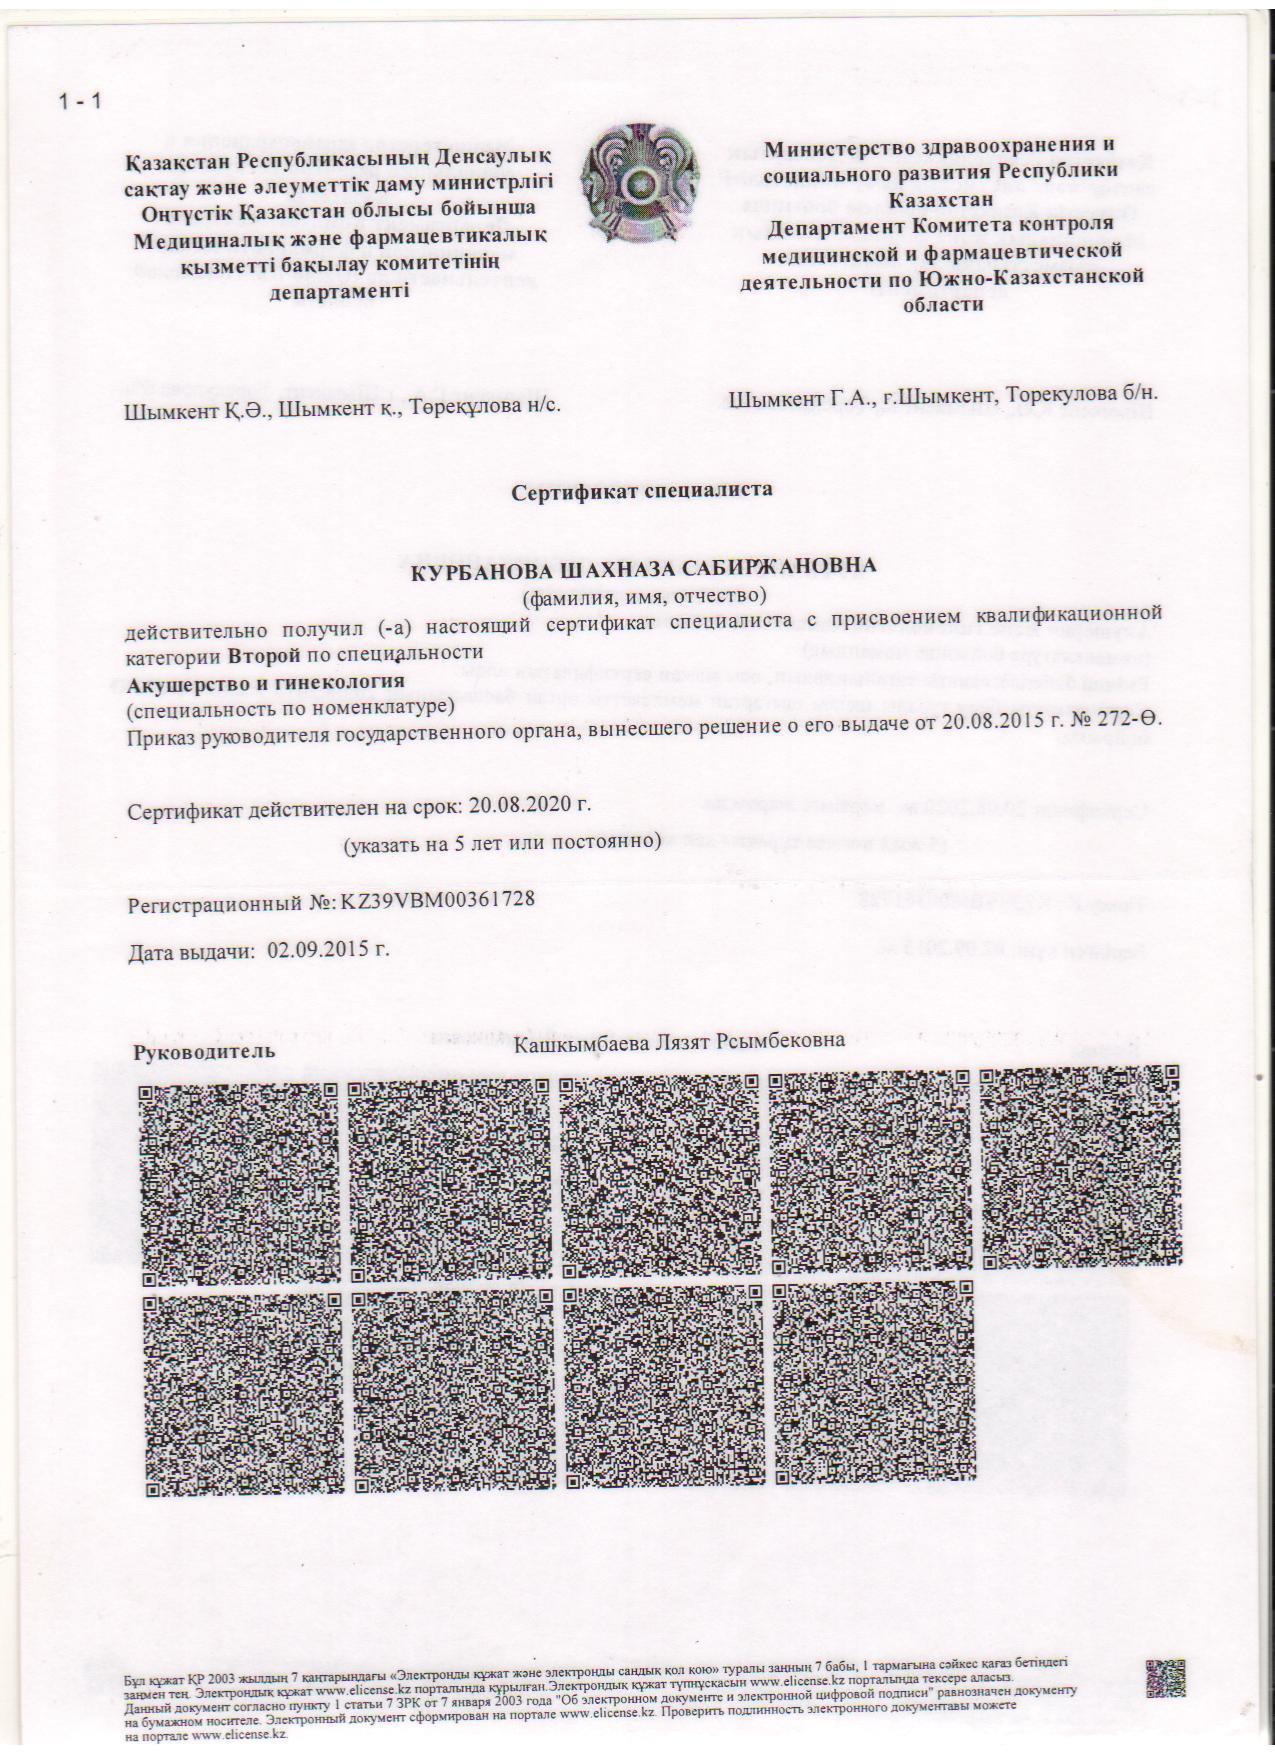 Сертификат Гинеколога клиники Akniet Shipa сайрамский р-н. с. Карабулак